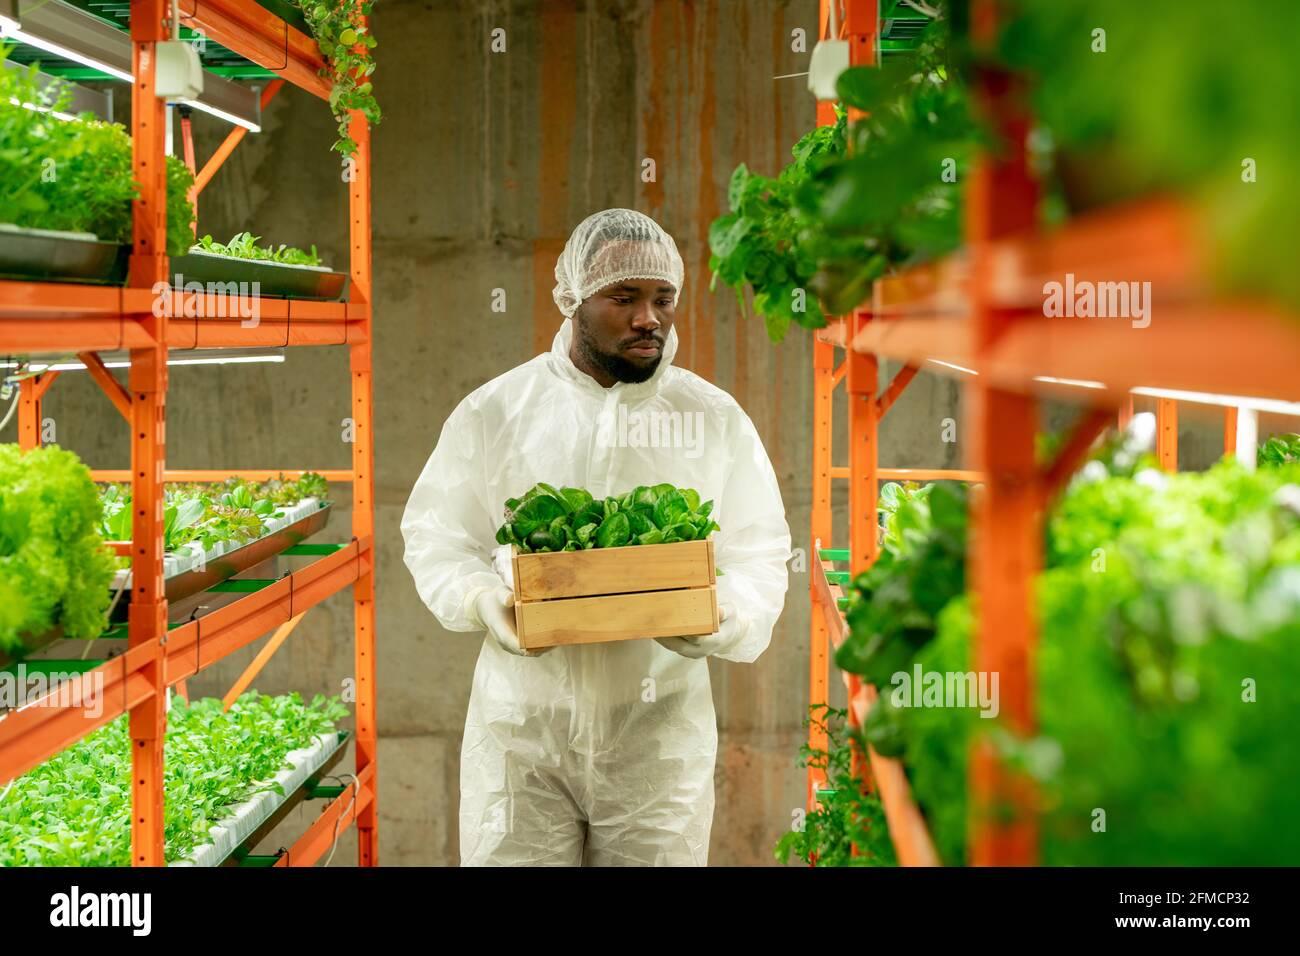 Sérieux jeune afro-américain agroingénieur dans la boîte de transport de vêtements de travail de protection de semis le long de l'allée d'agriculture verticale Banque D'Images